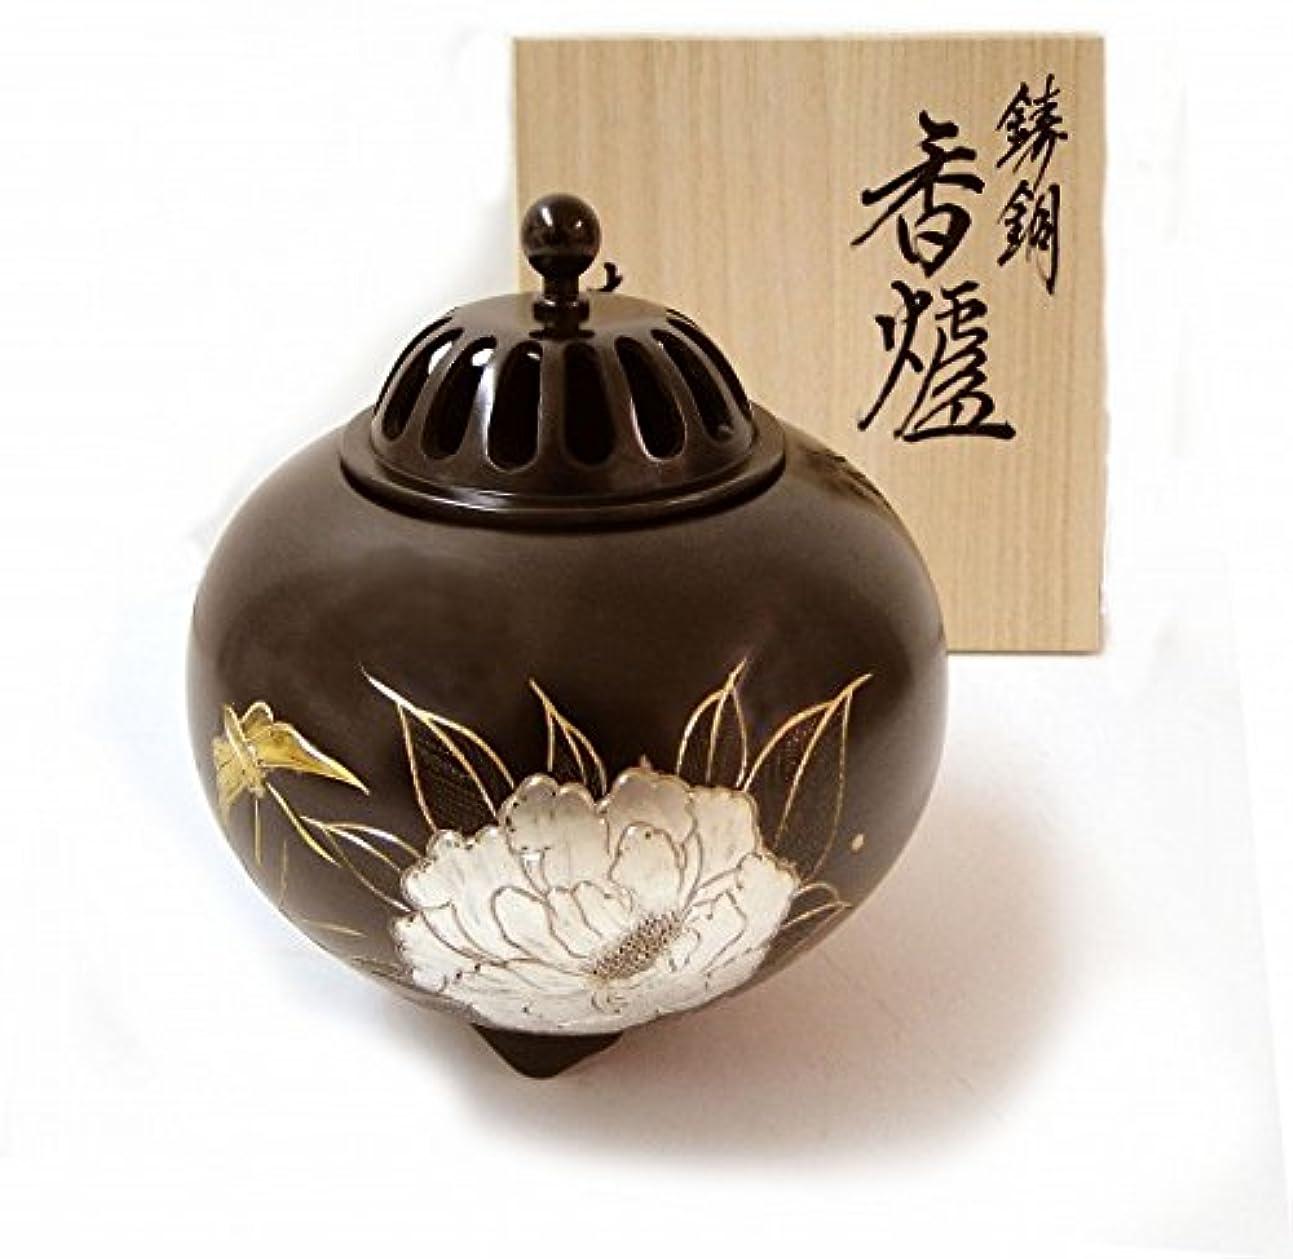 入場マネージャーナインへ『平丸香炉?牡丹』銅製